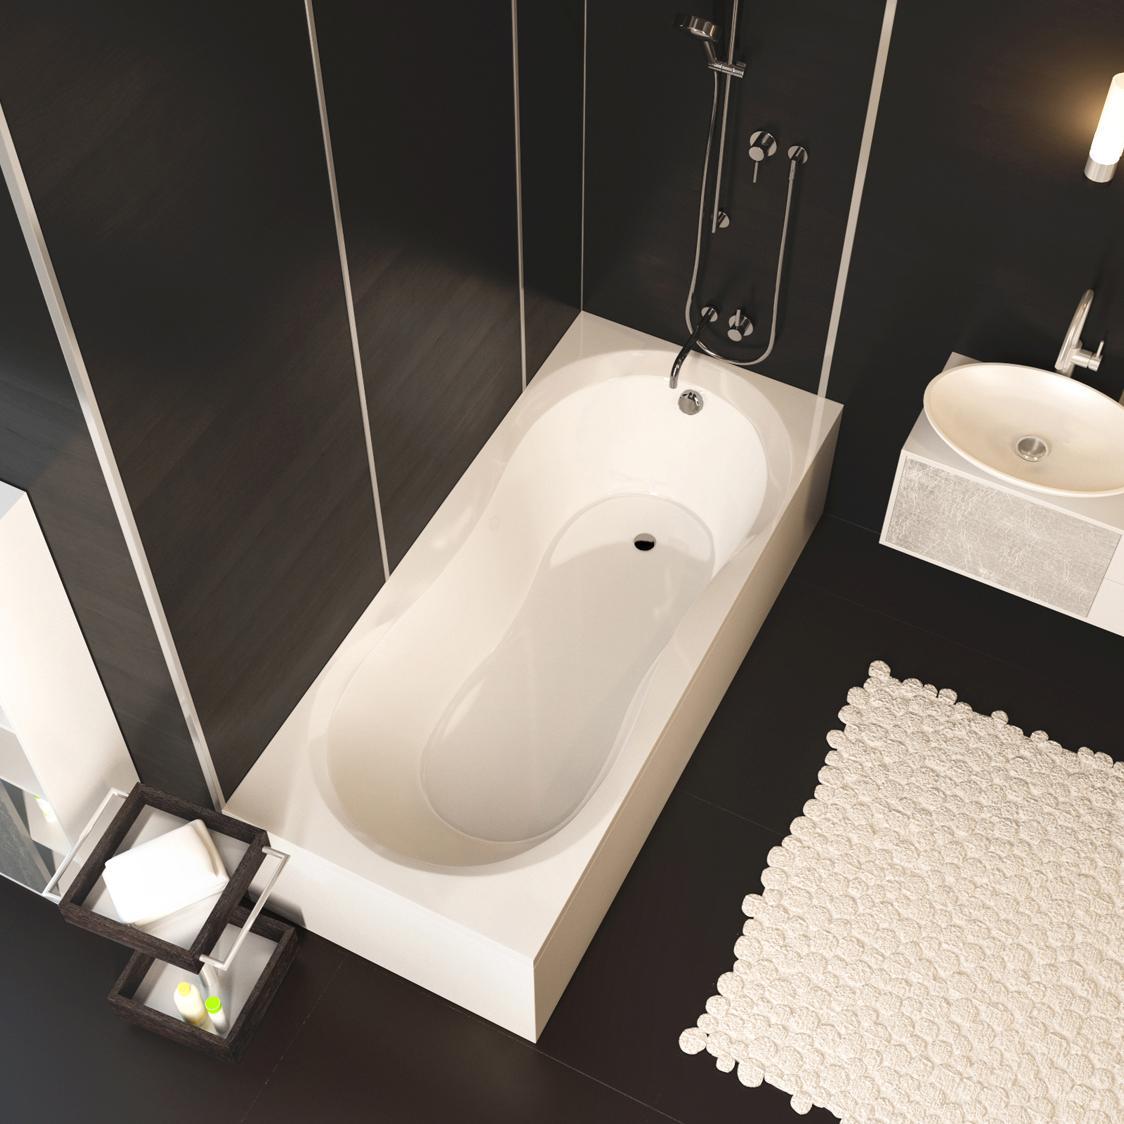 Акриловая ванна Alpen Mars 170x75 без гидромассажа акриловая ванна alpen fontana 170x75 комплект